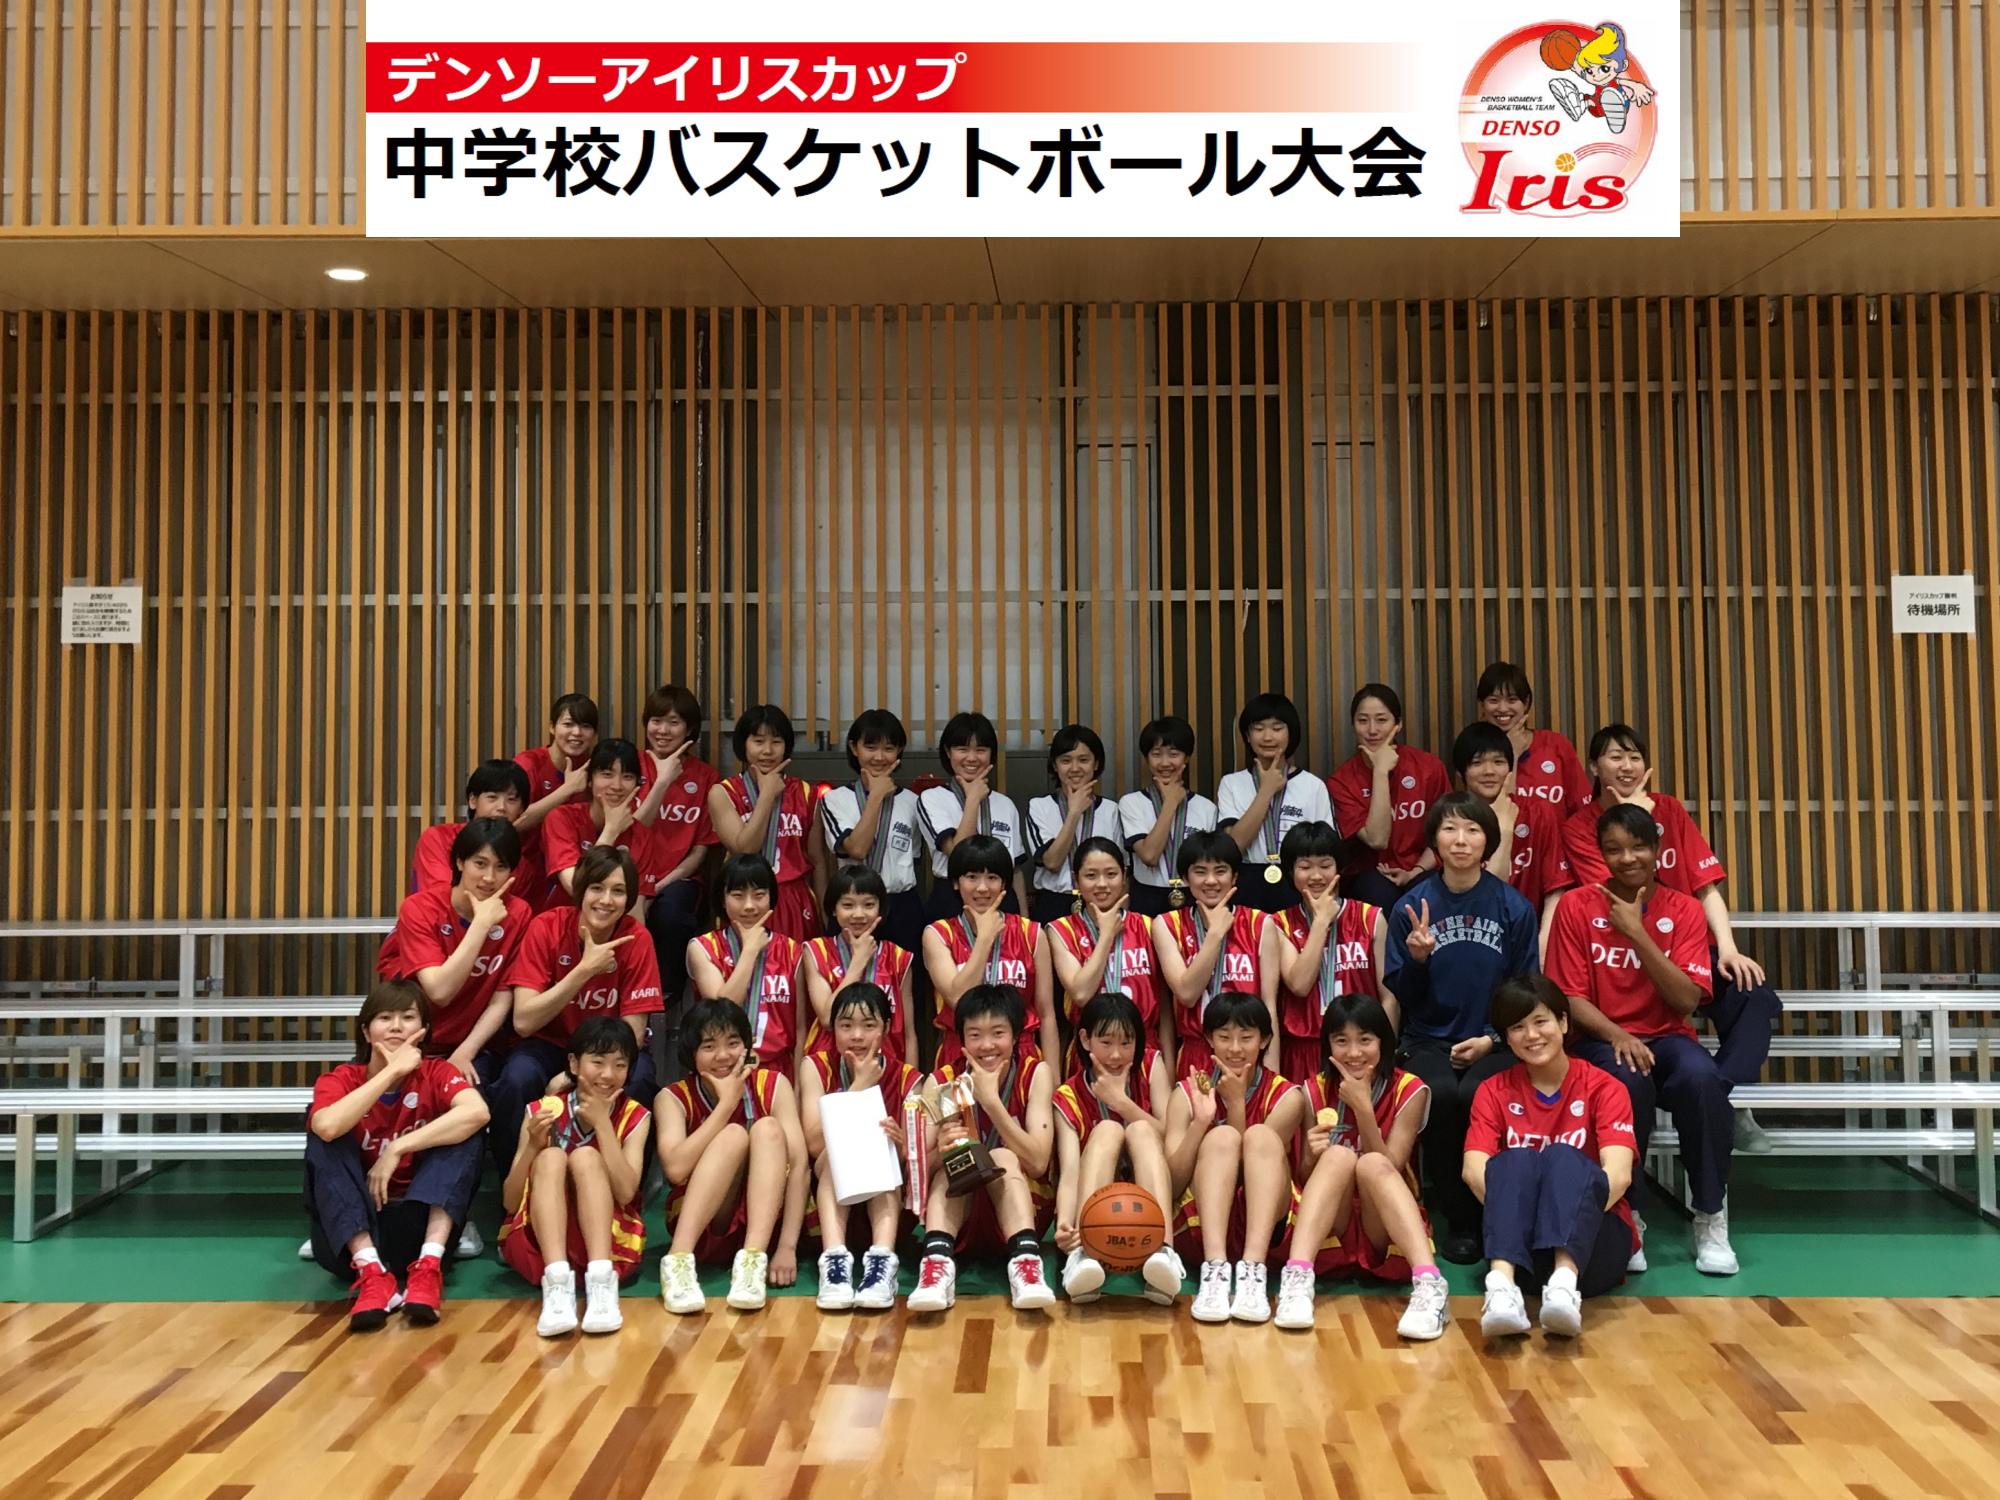 優勝:刈谷市立刈谷南中学校 おめでとうございます!